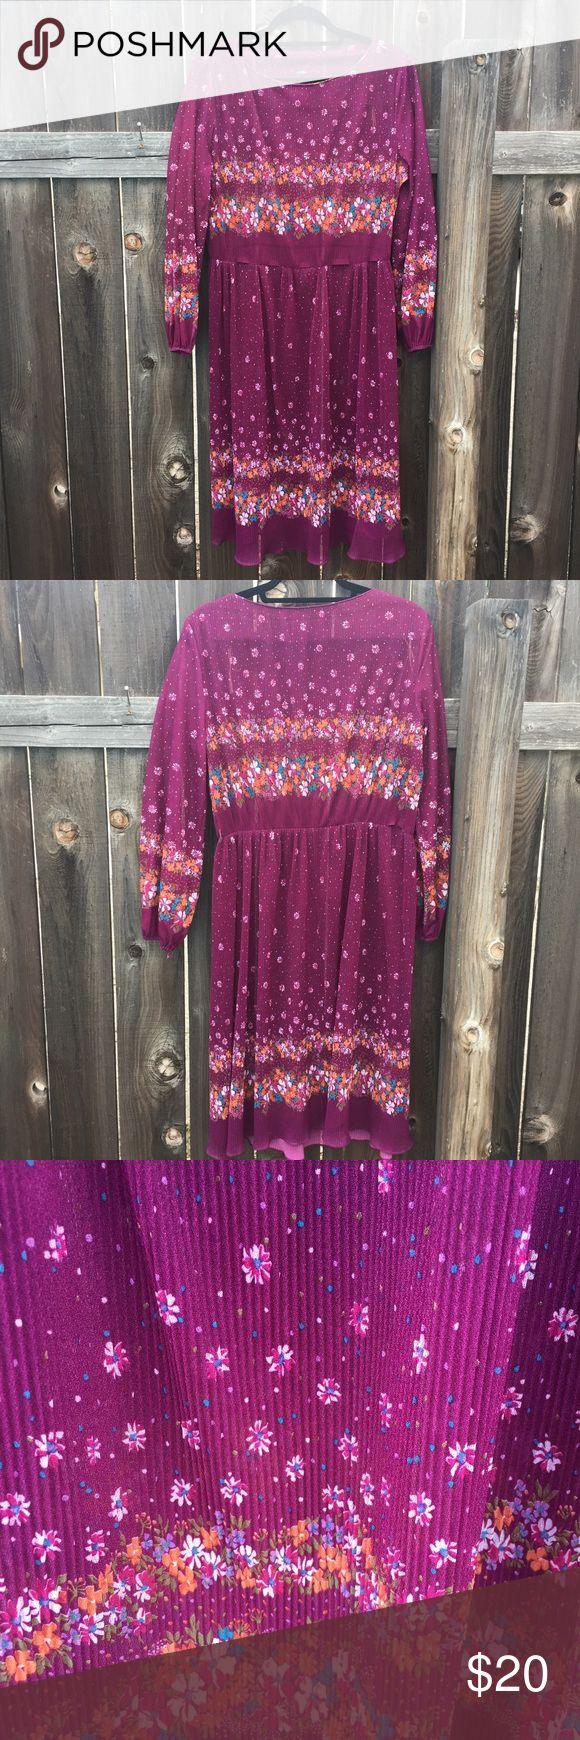 """VTG 80s long floral Purple long sleeve dress SZ M VTG 80s long floral Purple long sleeve dress SZ M- ARMPIT TO ARMPIT 25"""" front length 40"""" elastic waist accordion pleats Vintage Dresses Midi"""